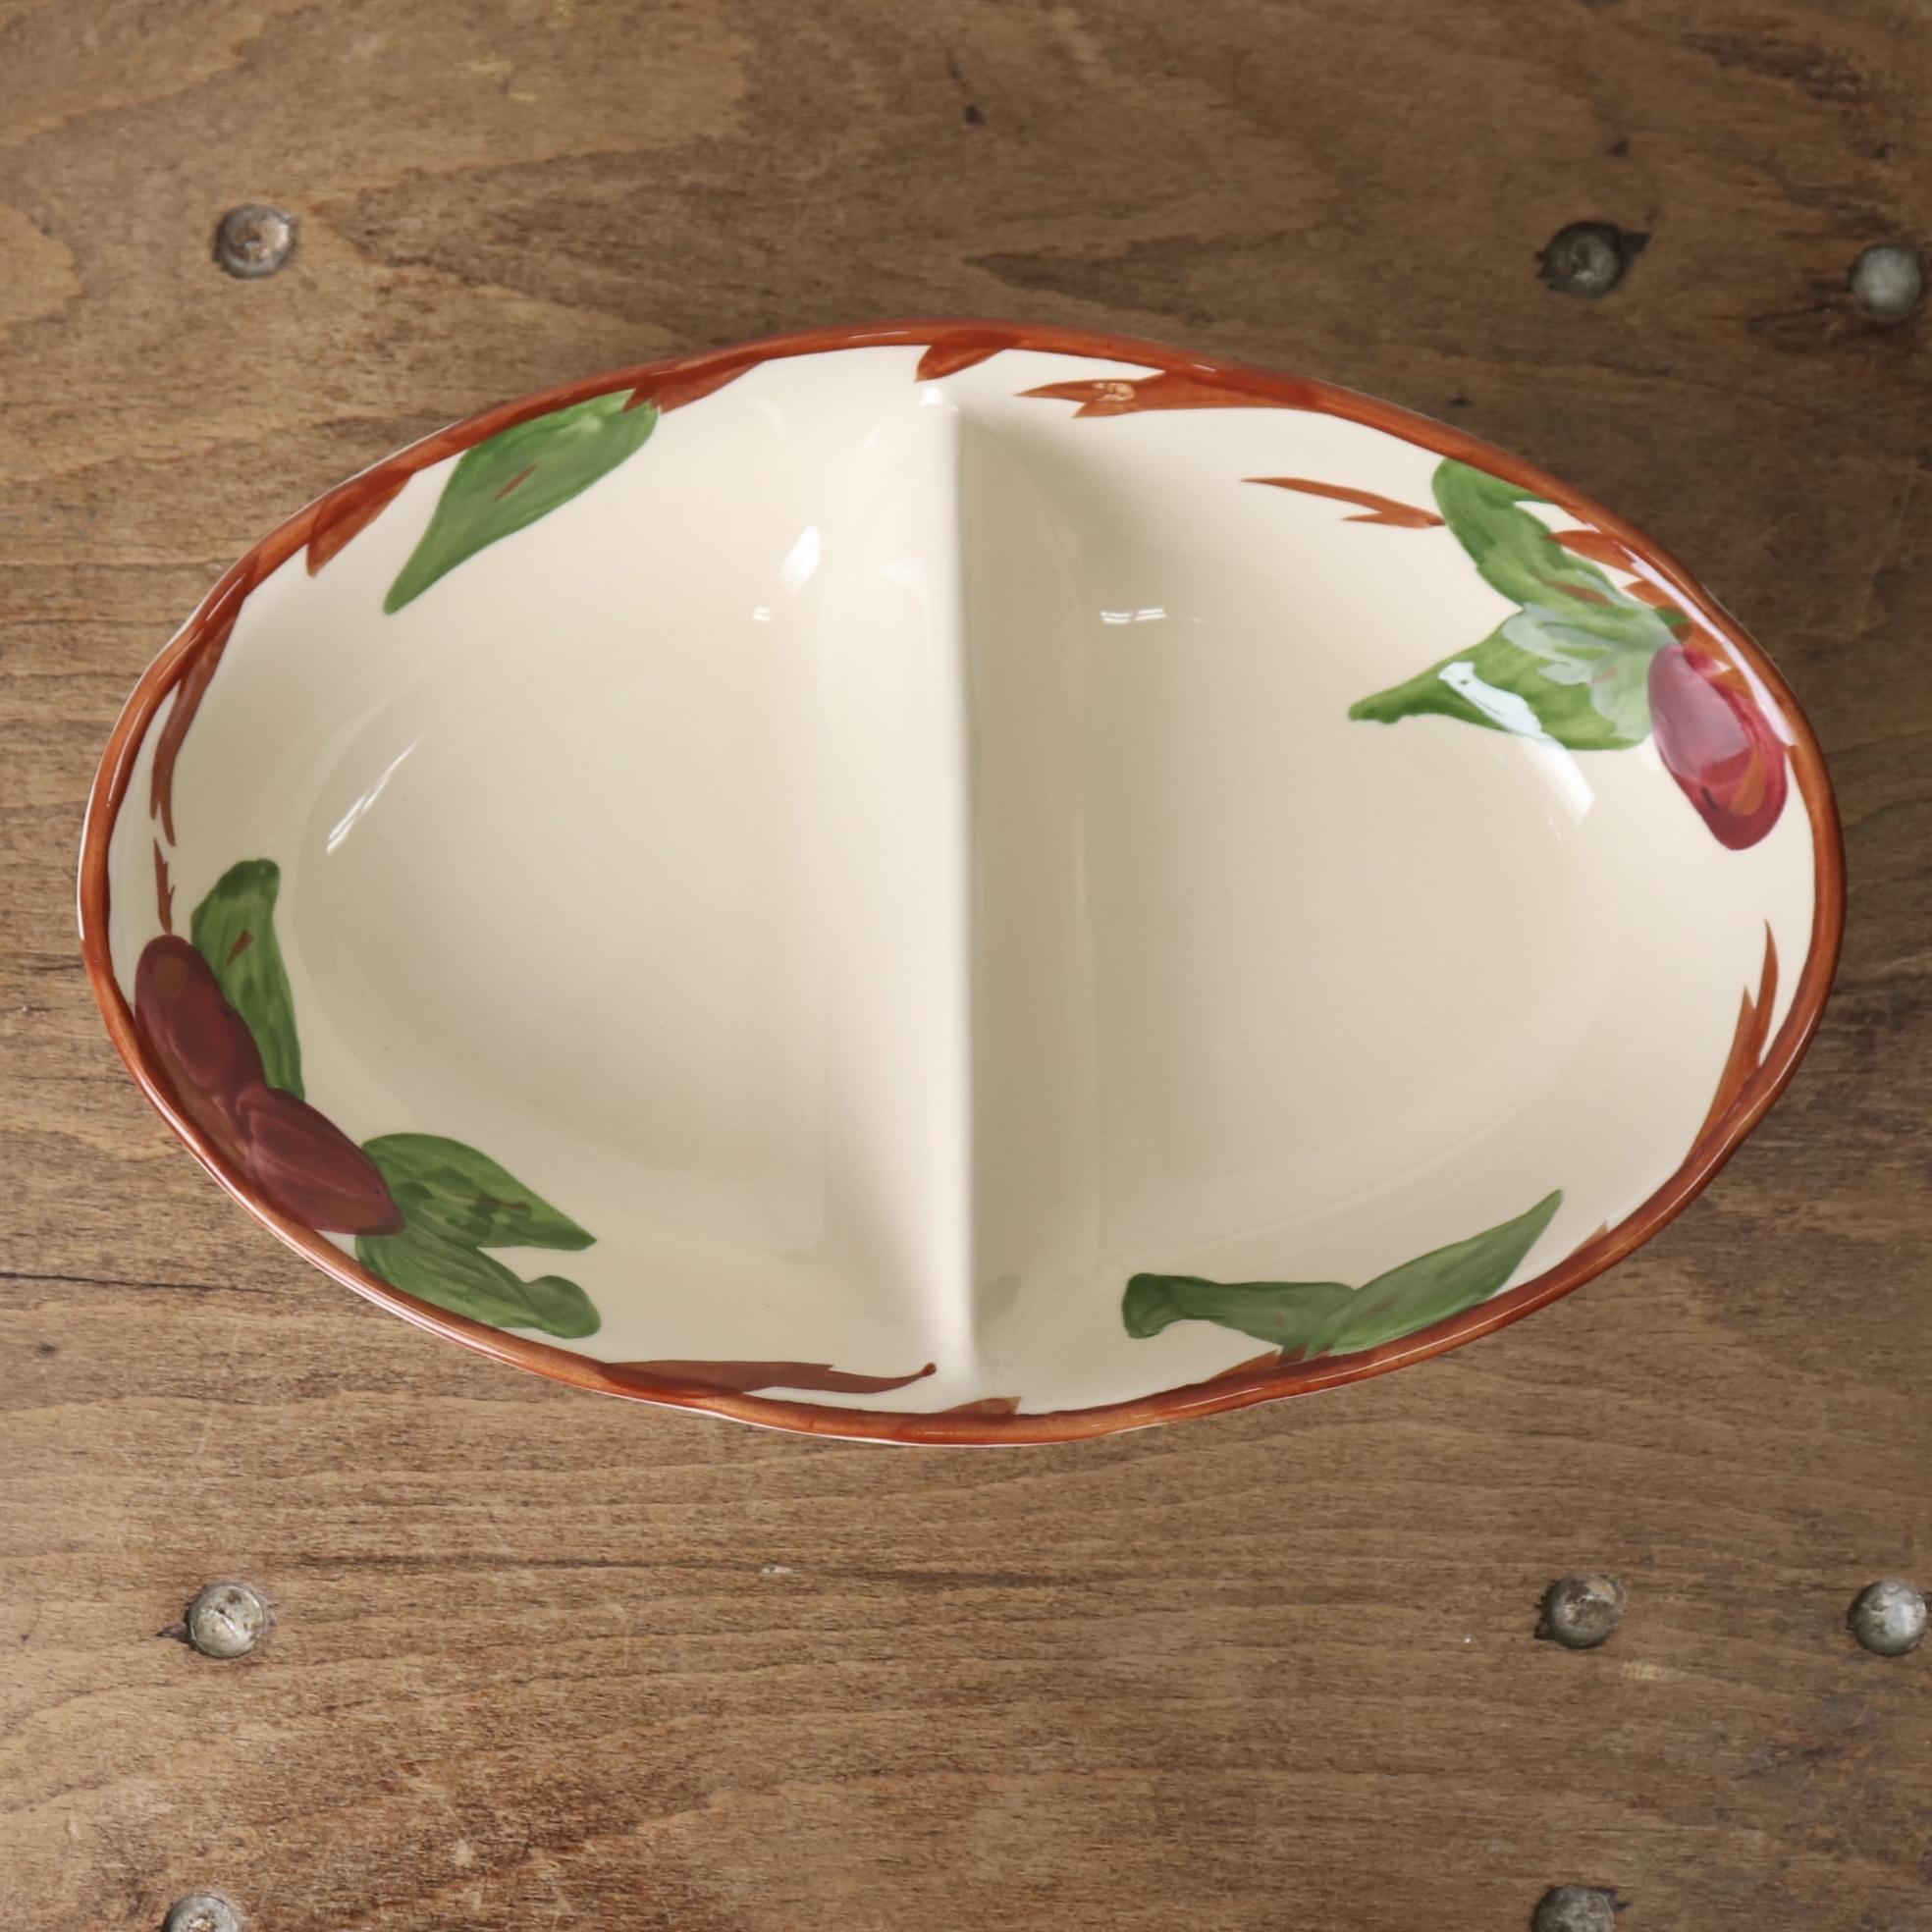 """""""FRANCISCAN""""フランシスカン 80〜90年代 ヨーロッパ イギリス製 ヴィンテージ食器 2連プレート フルーツ柄 陶器"""